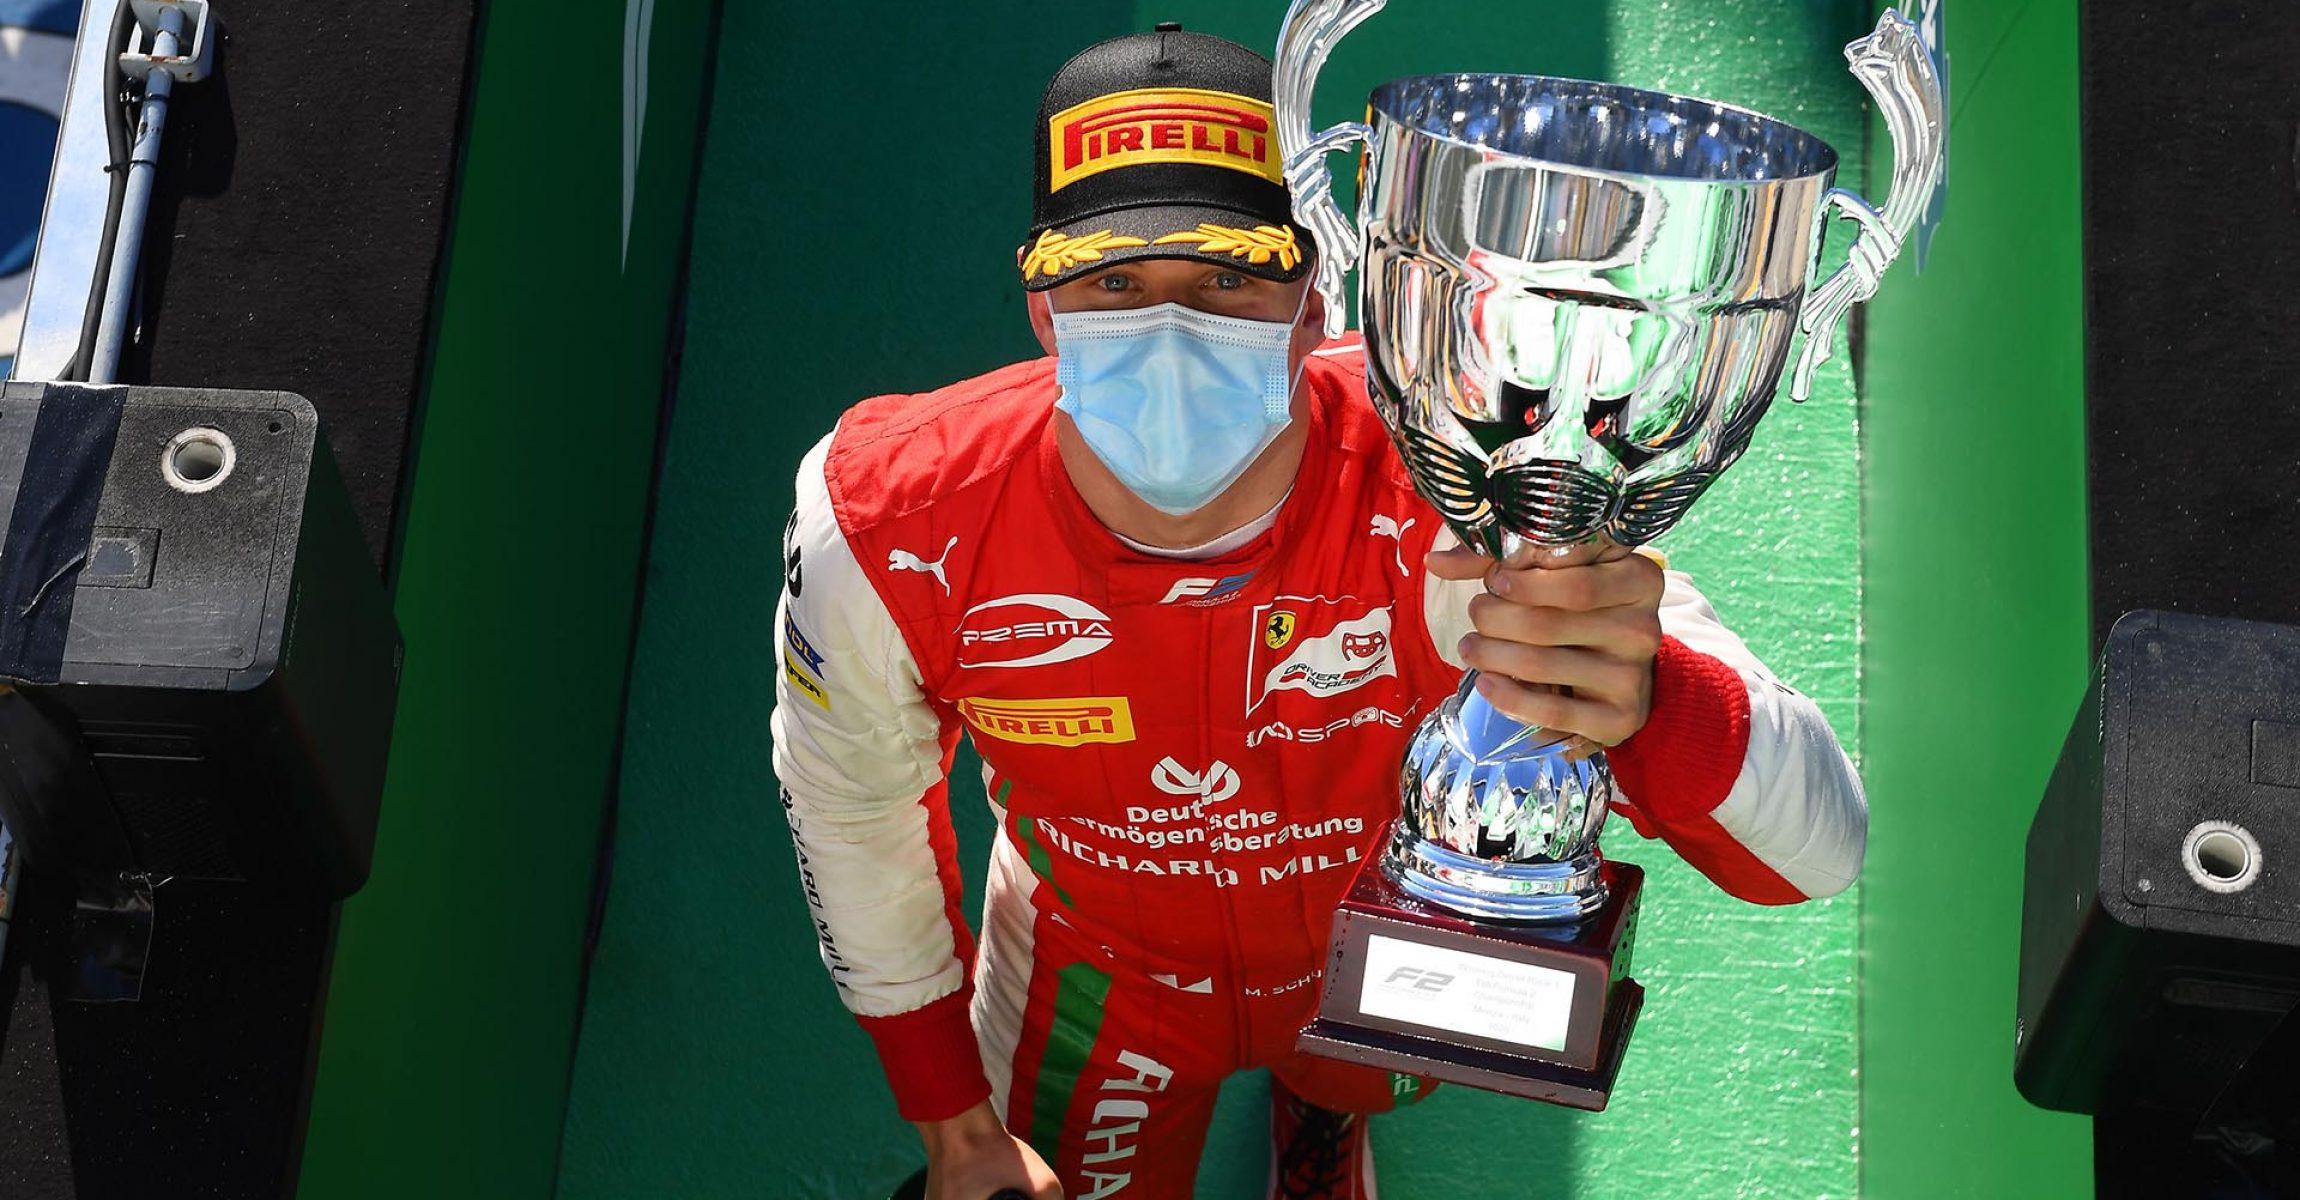 GP ITALIA F1/2020 -  FDA -  SABATO 05/09/2020      credit: @Scuderia Ferrari Press Office Mick Schumacher